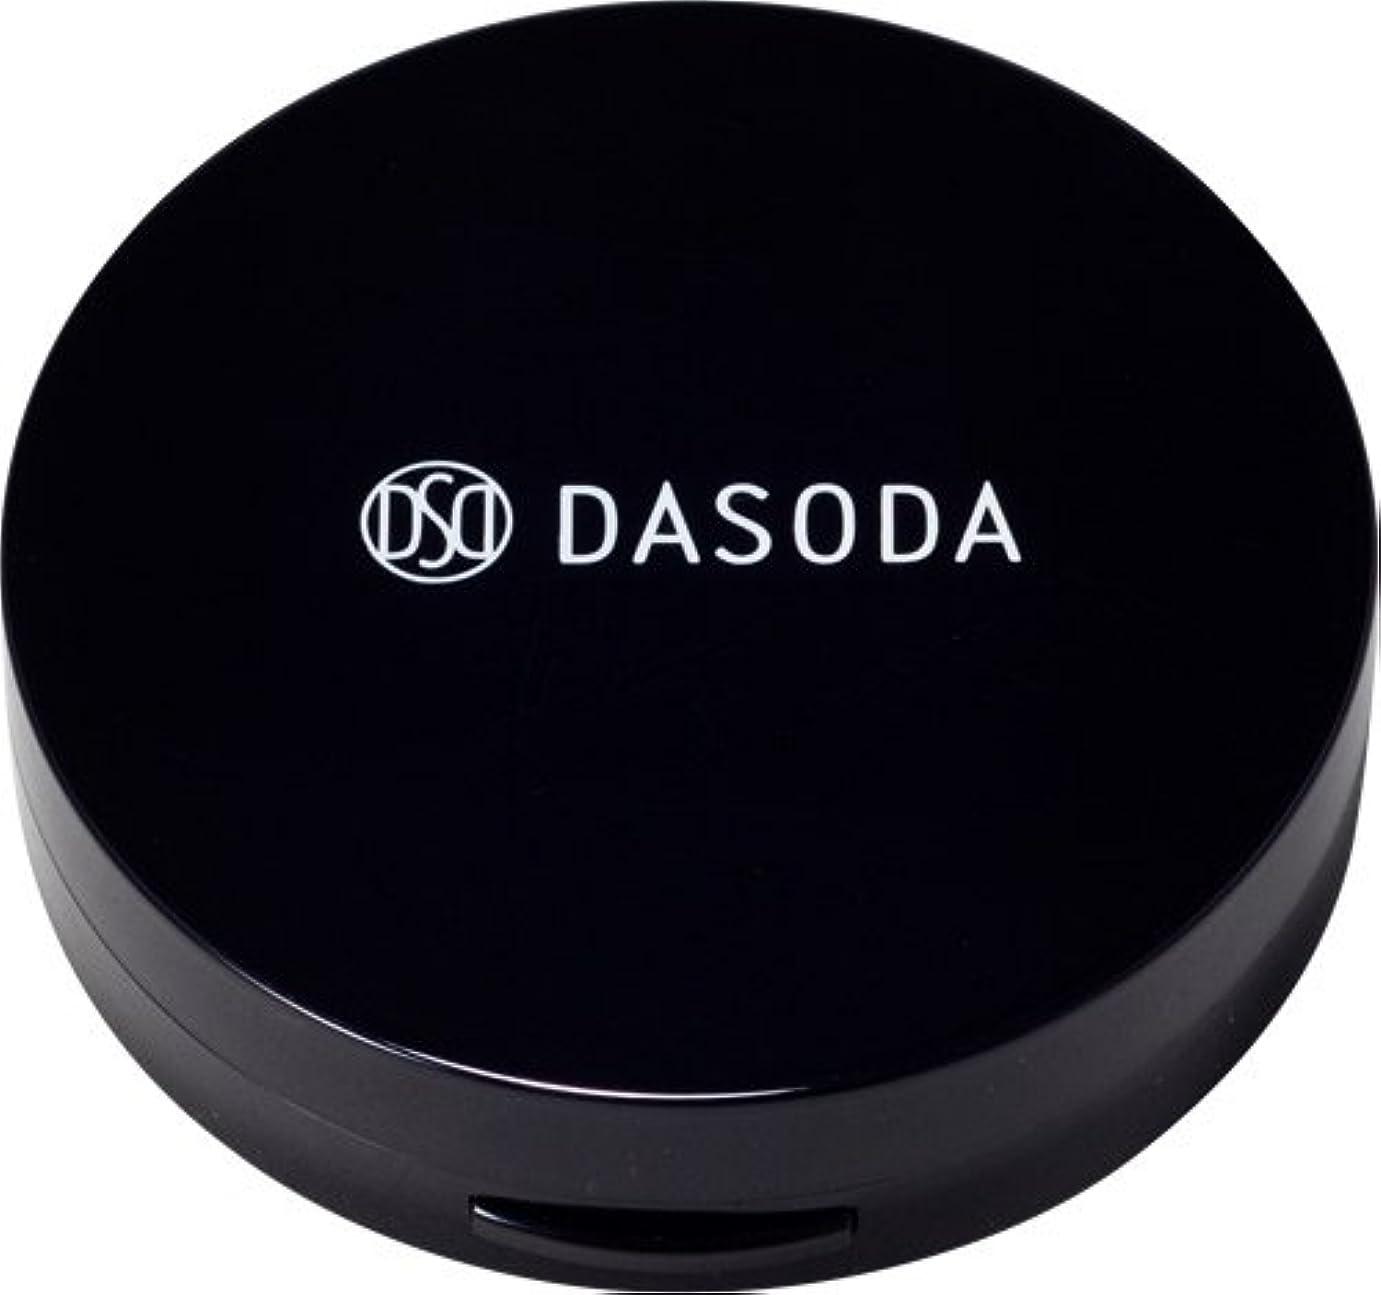 DASODA FC ホワイト クリームファンデーション 01 ナチュラル 8g